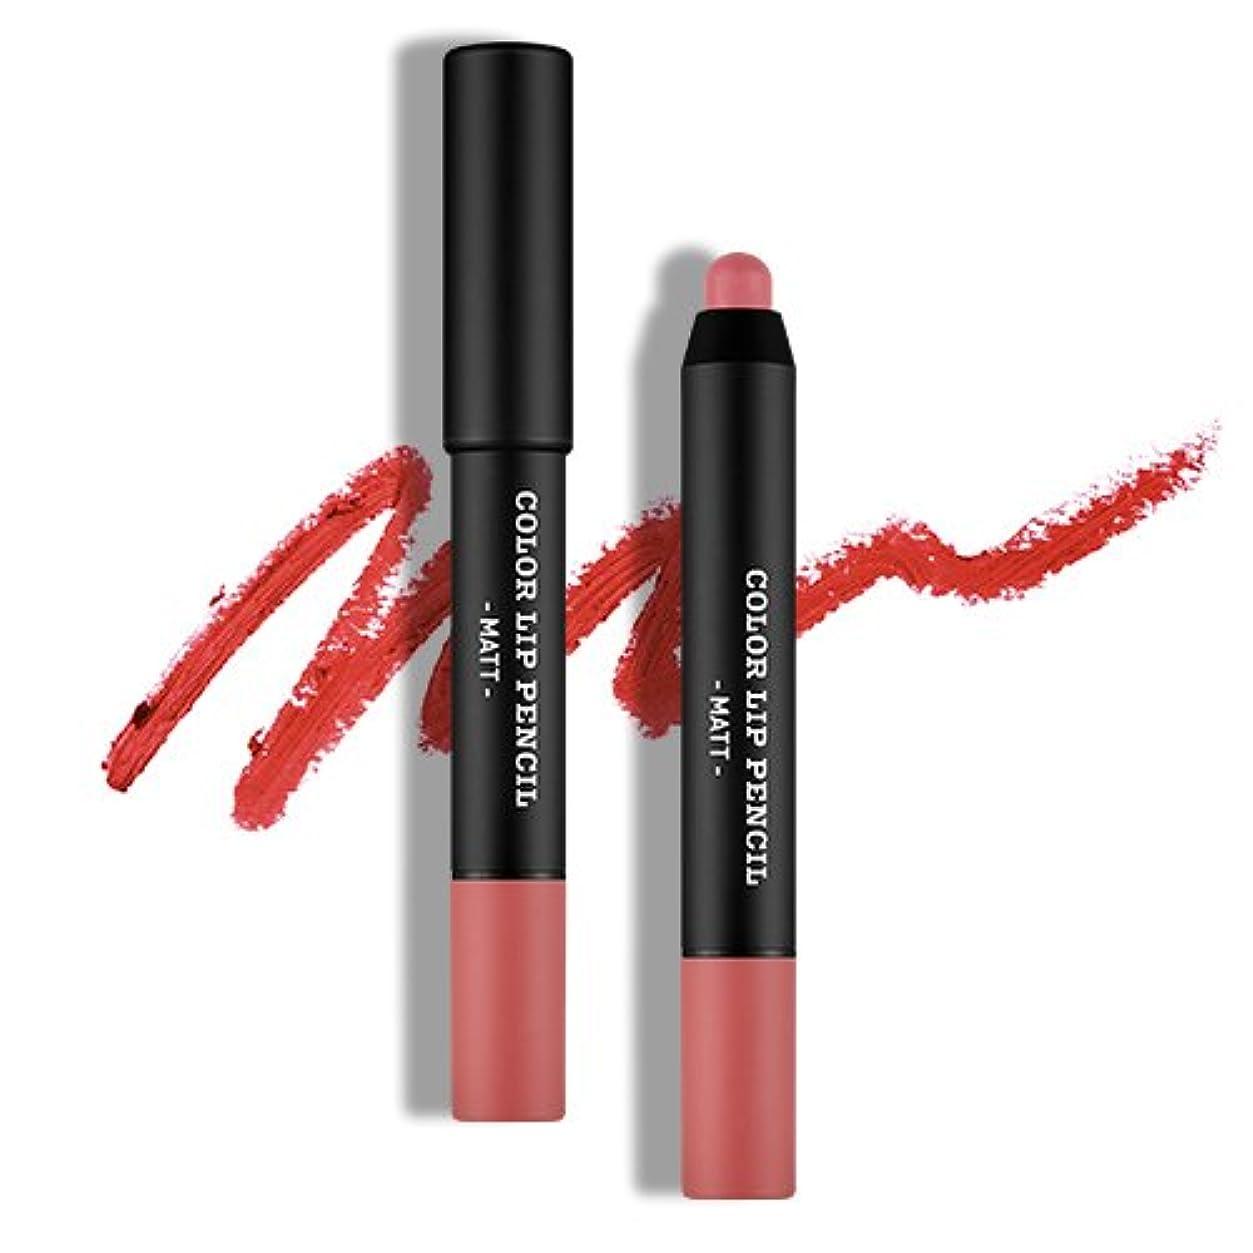 額雄弁な落花生[韓国コスメ Apieu] [オピュ] カラーリップペンシル(マット) [Apieu] Color Lip Pencil(Matt) (CR02) [並行輸入品]